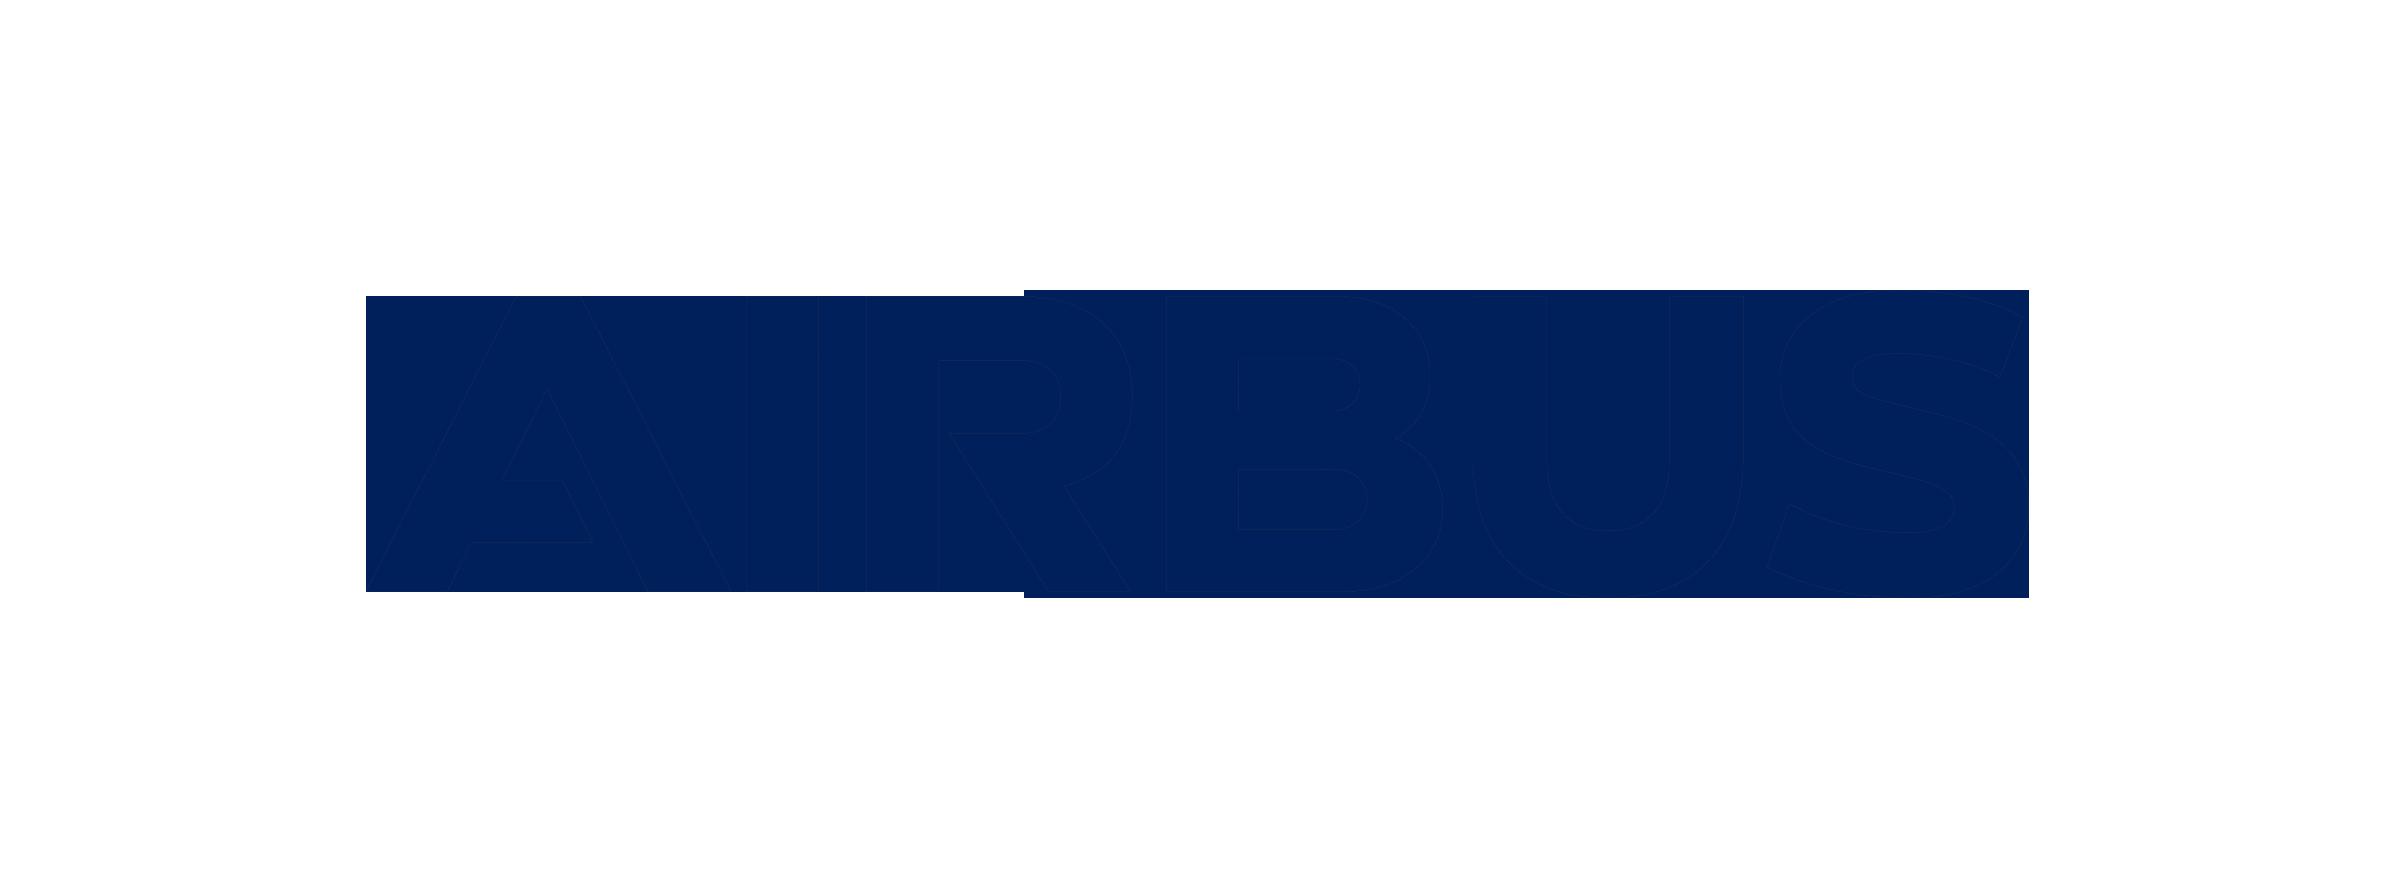 AIRBUS_RGB_2017